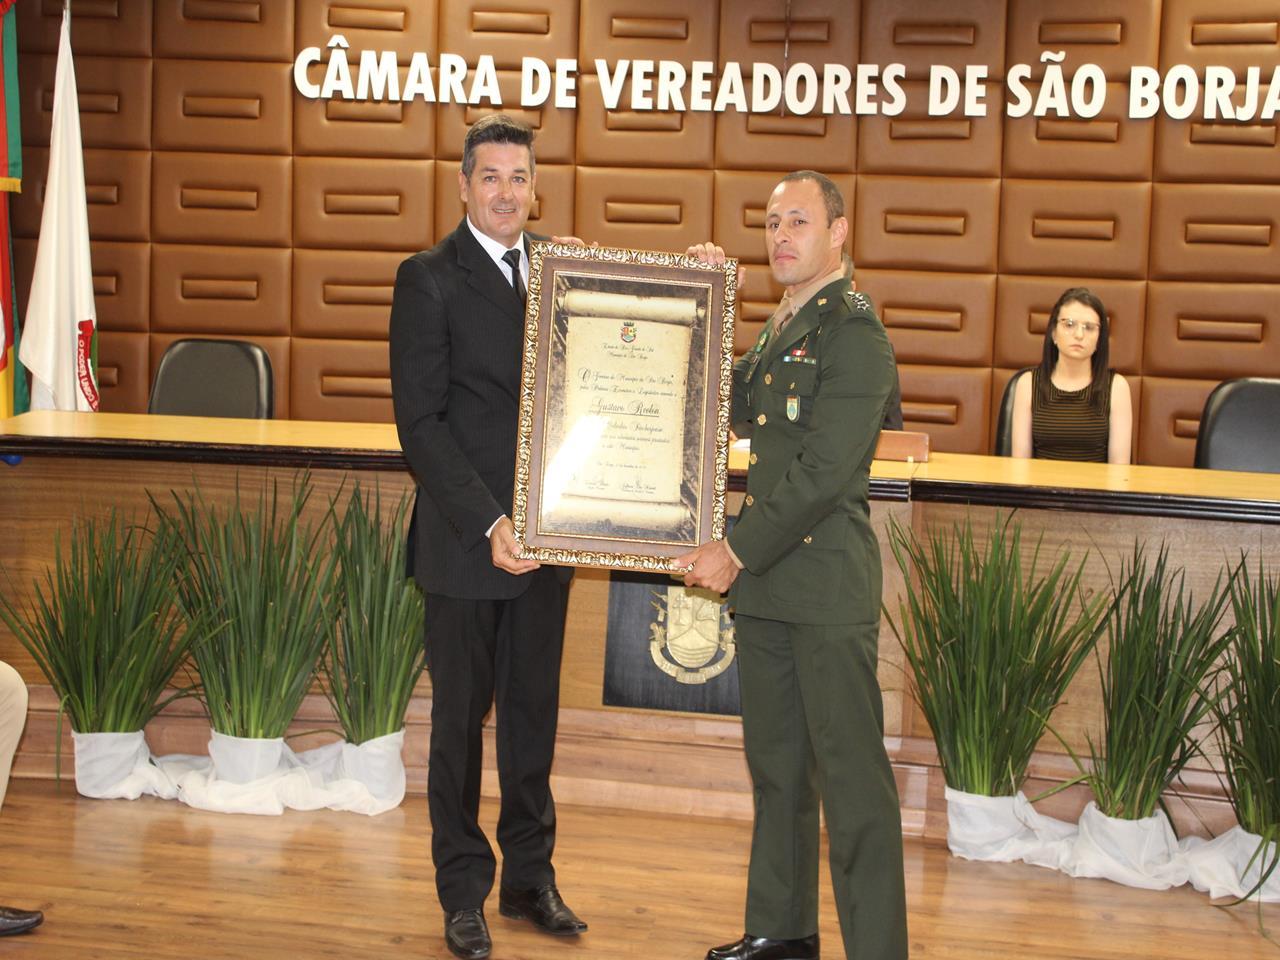 Comandante homenageado na Câmara Municipal de São Borja (RS)